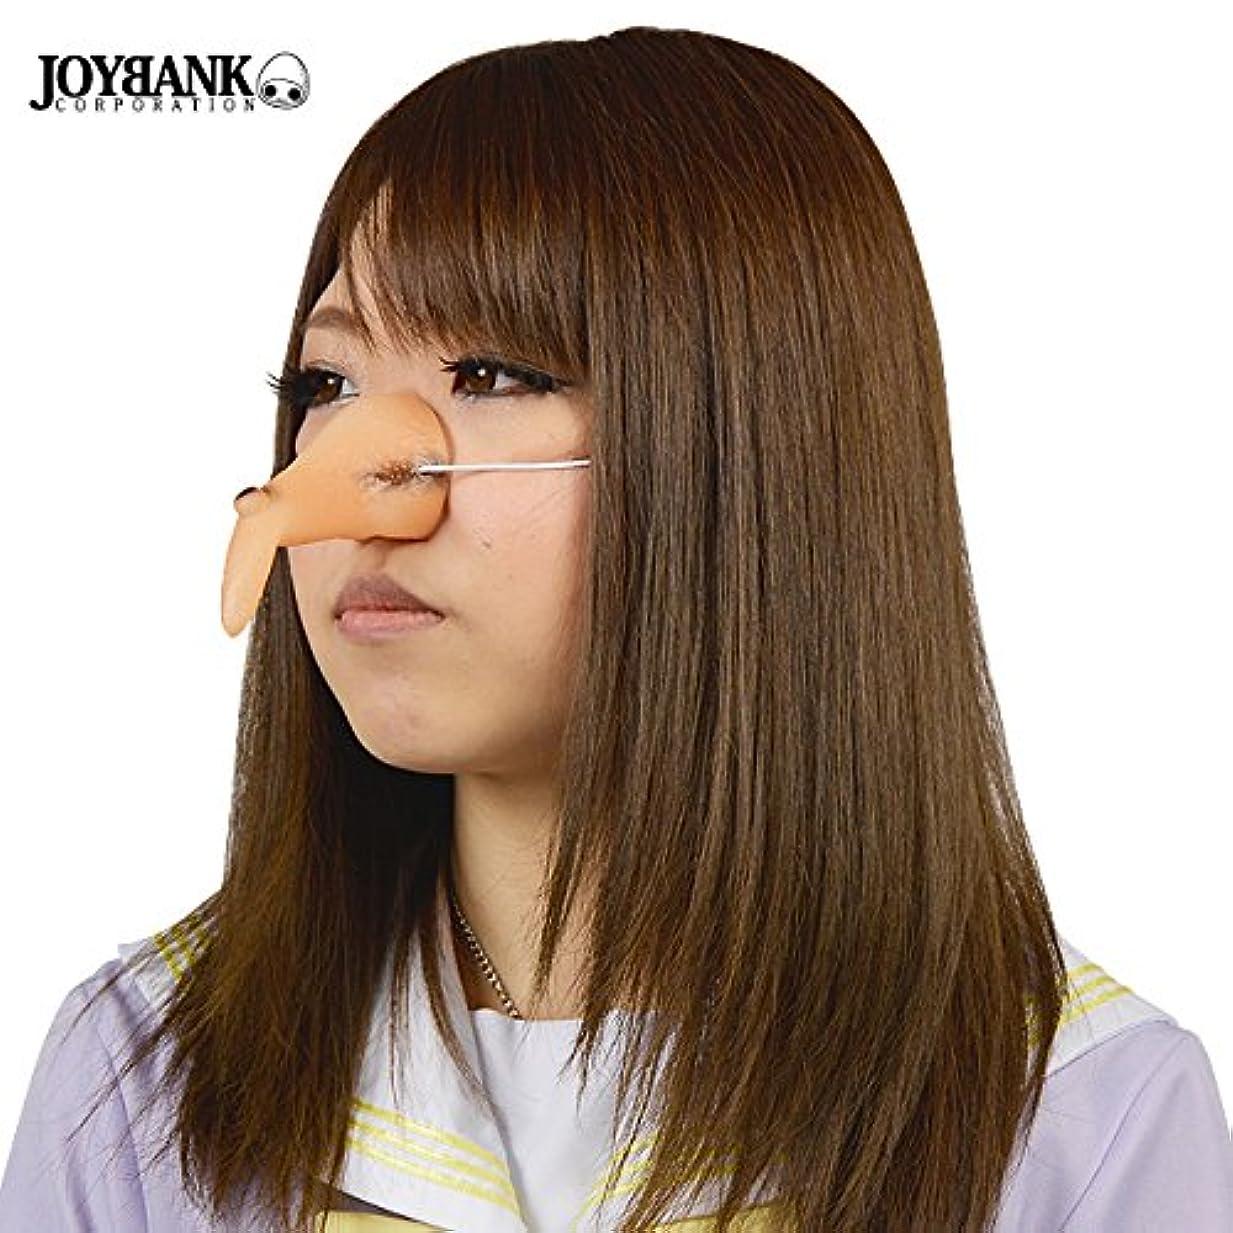 素晴らしいですシャーロットブロンテ昆虫魔女 つけ鼻 コスプレ 小物 ハロウィン 仮装